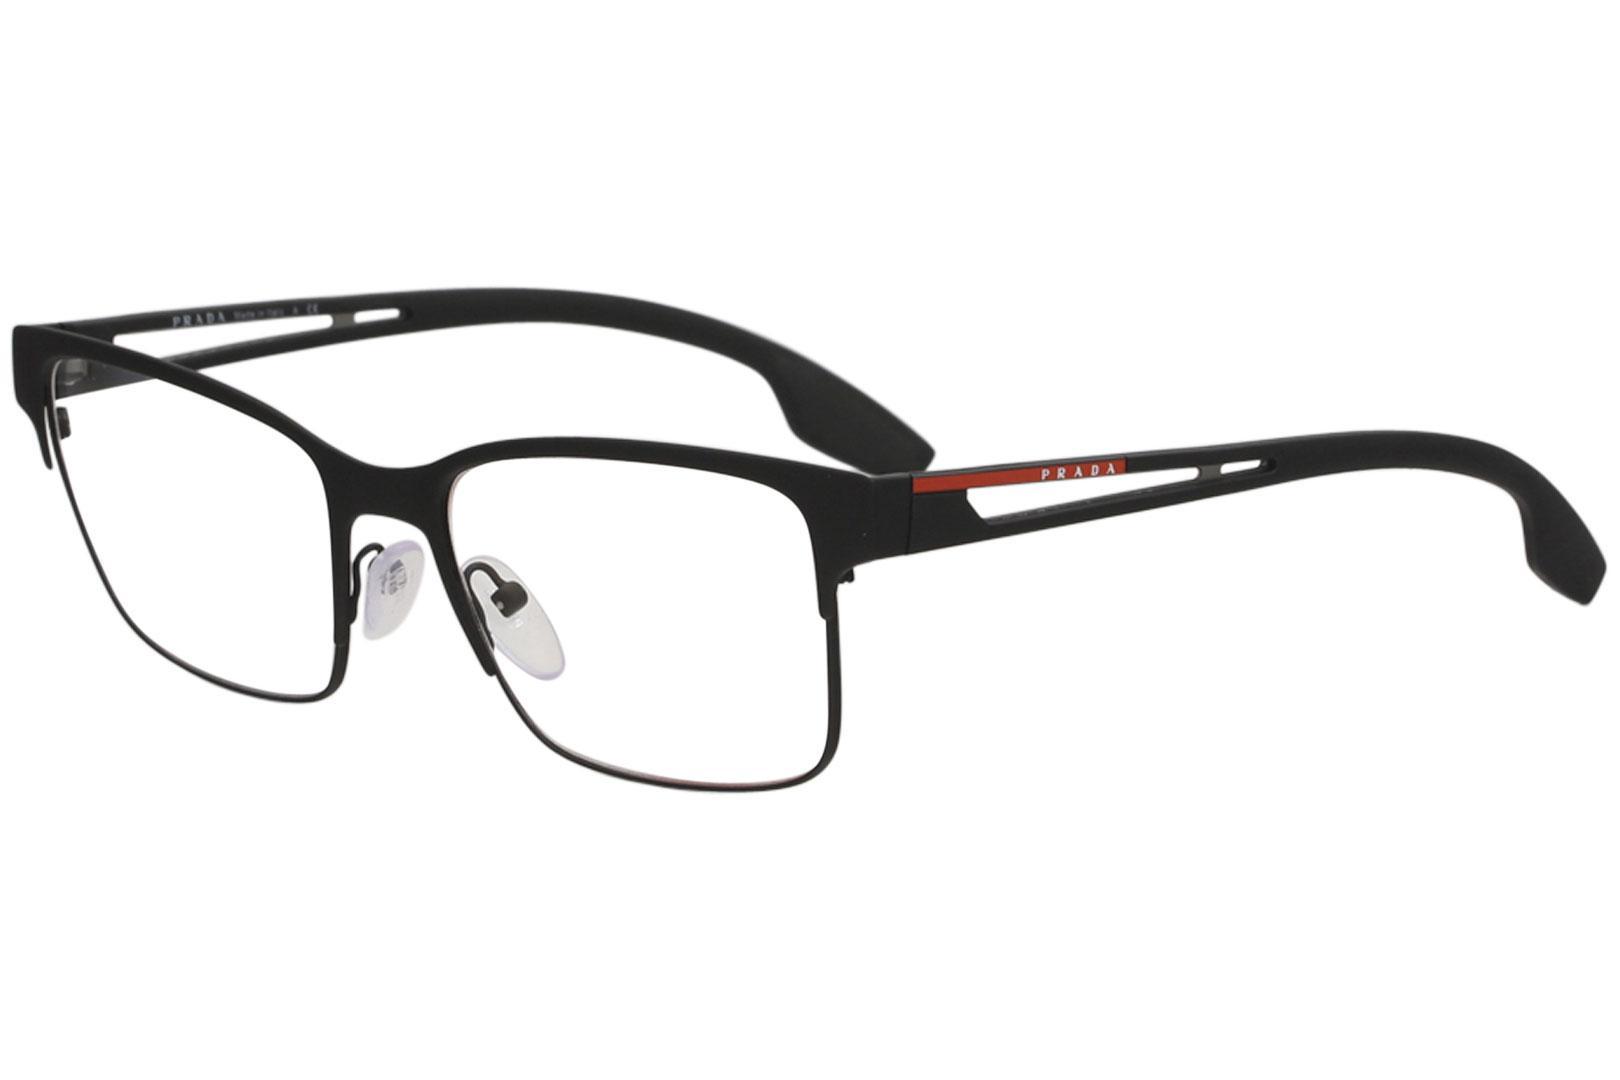 0983a8adbfb Prada Linea Rossa Men s Eyeglasses VPS55I VPS 55I Full Rim Optical Frame